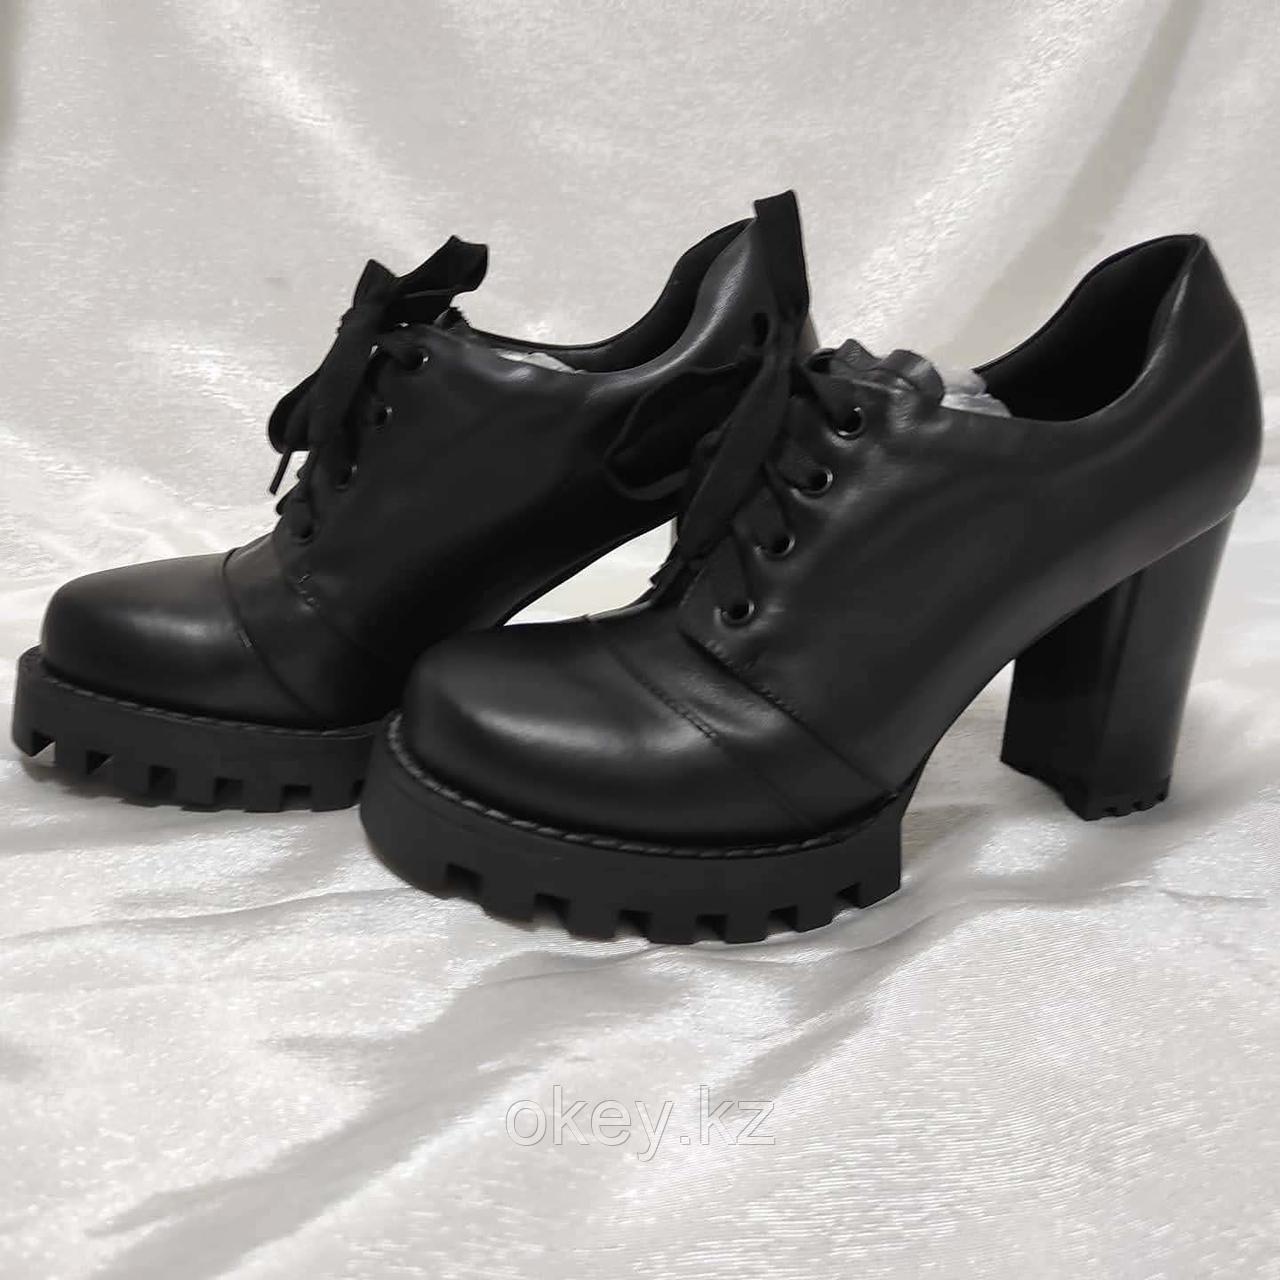 Ботинки женские ботильоны коричневые под замшу